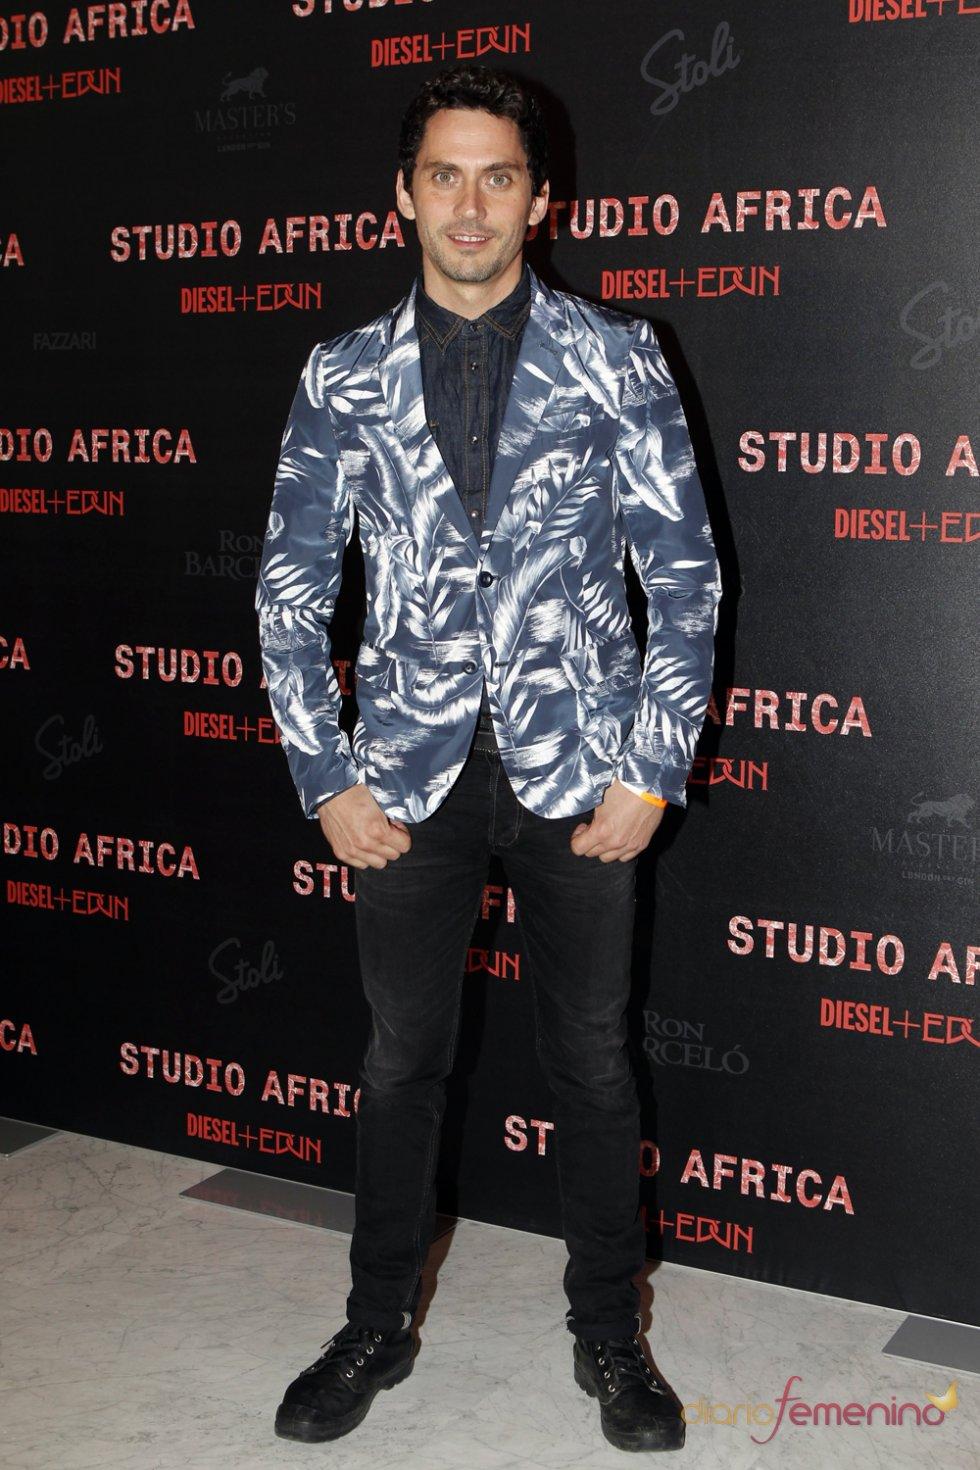 El actor Paco León en la fiesta Diesel 2013